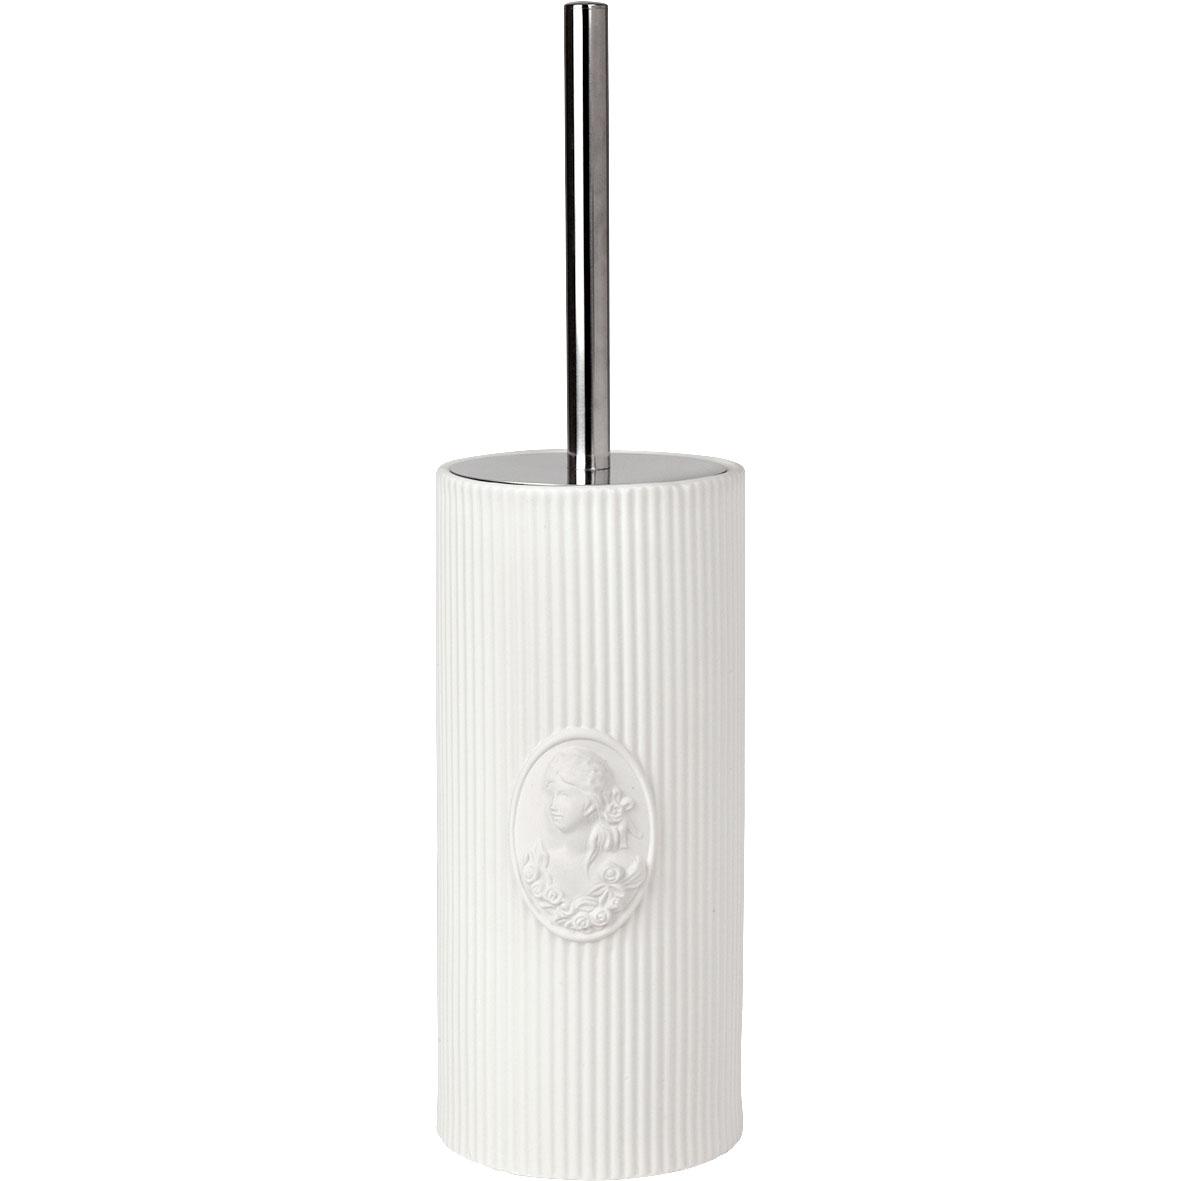 Spazzolone per wc in ceramica bianca, Linea Marquise di Mathilde M.